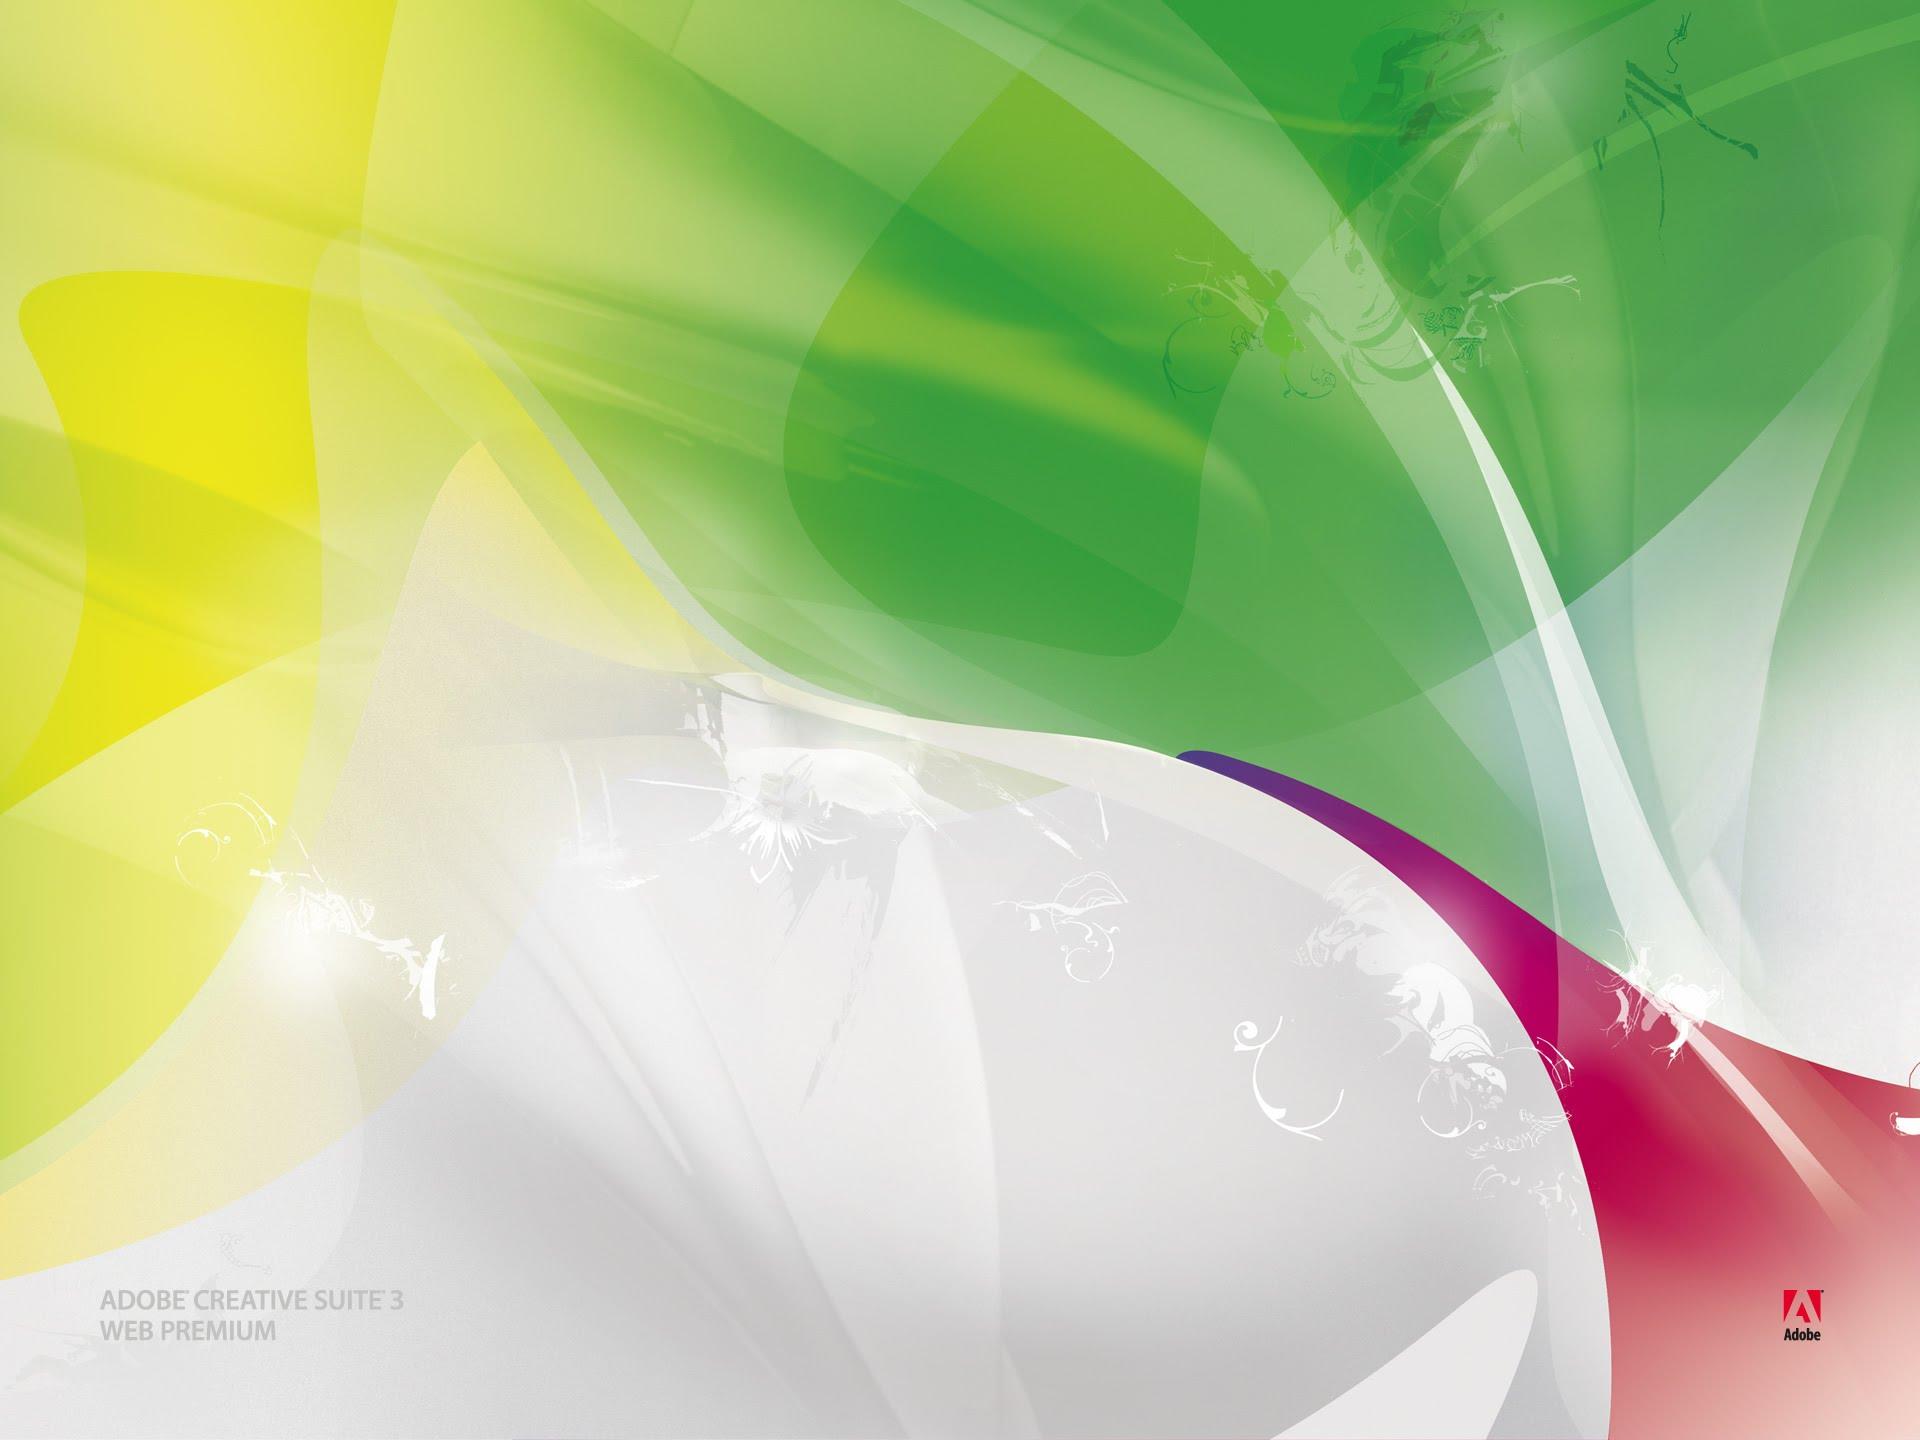 5 Beautiful Adobe Creative Suite 3 Wallpapers  Hongkiat